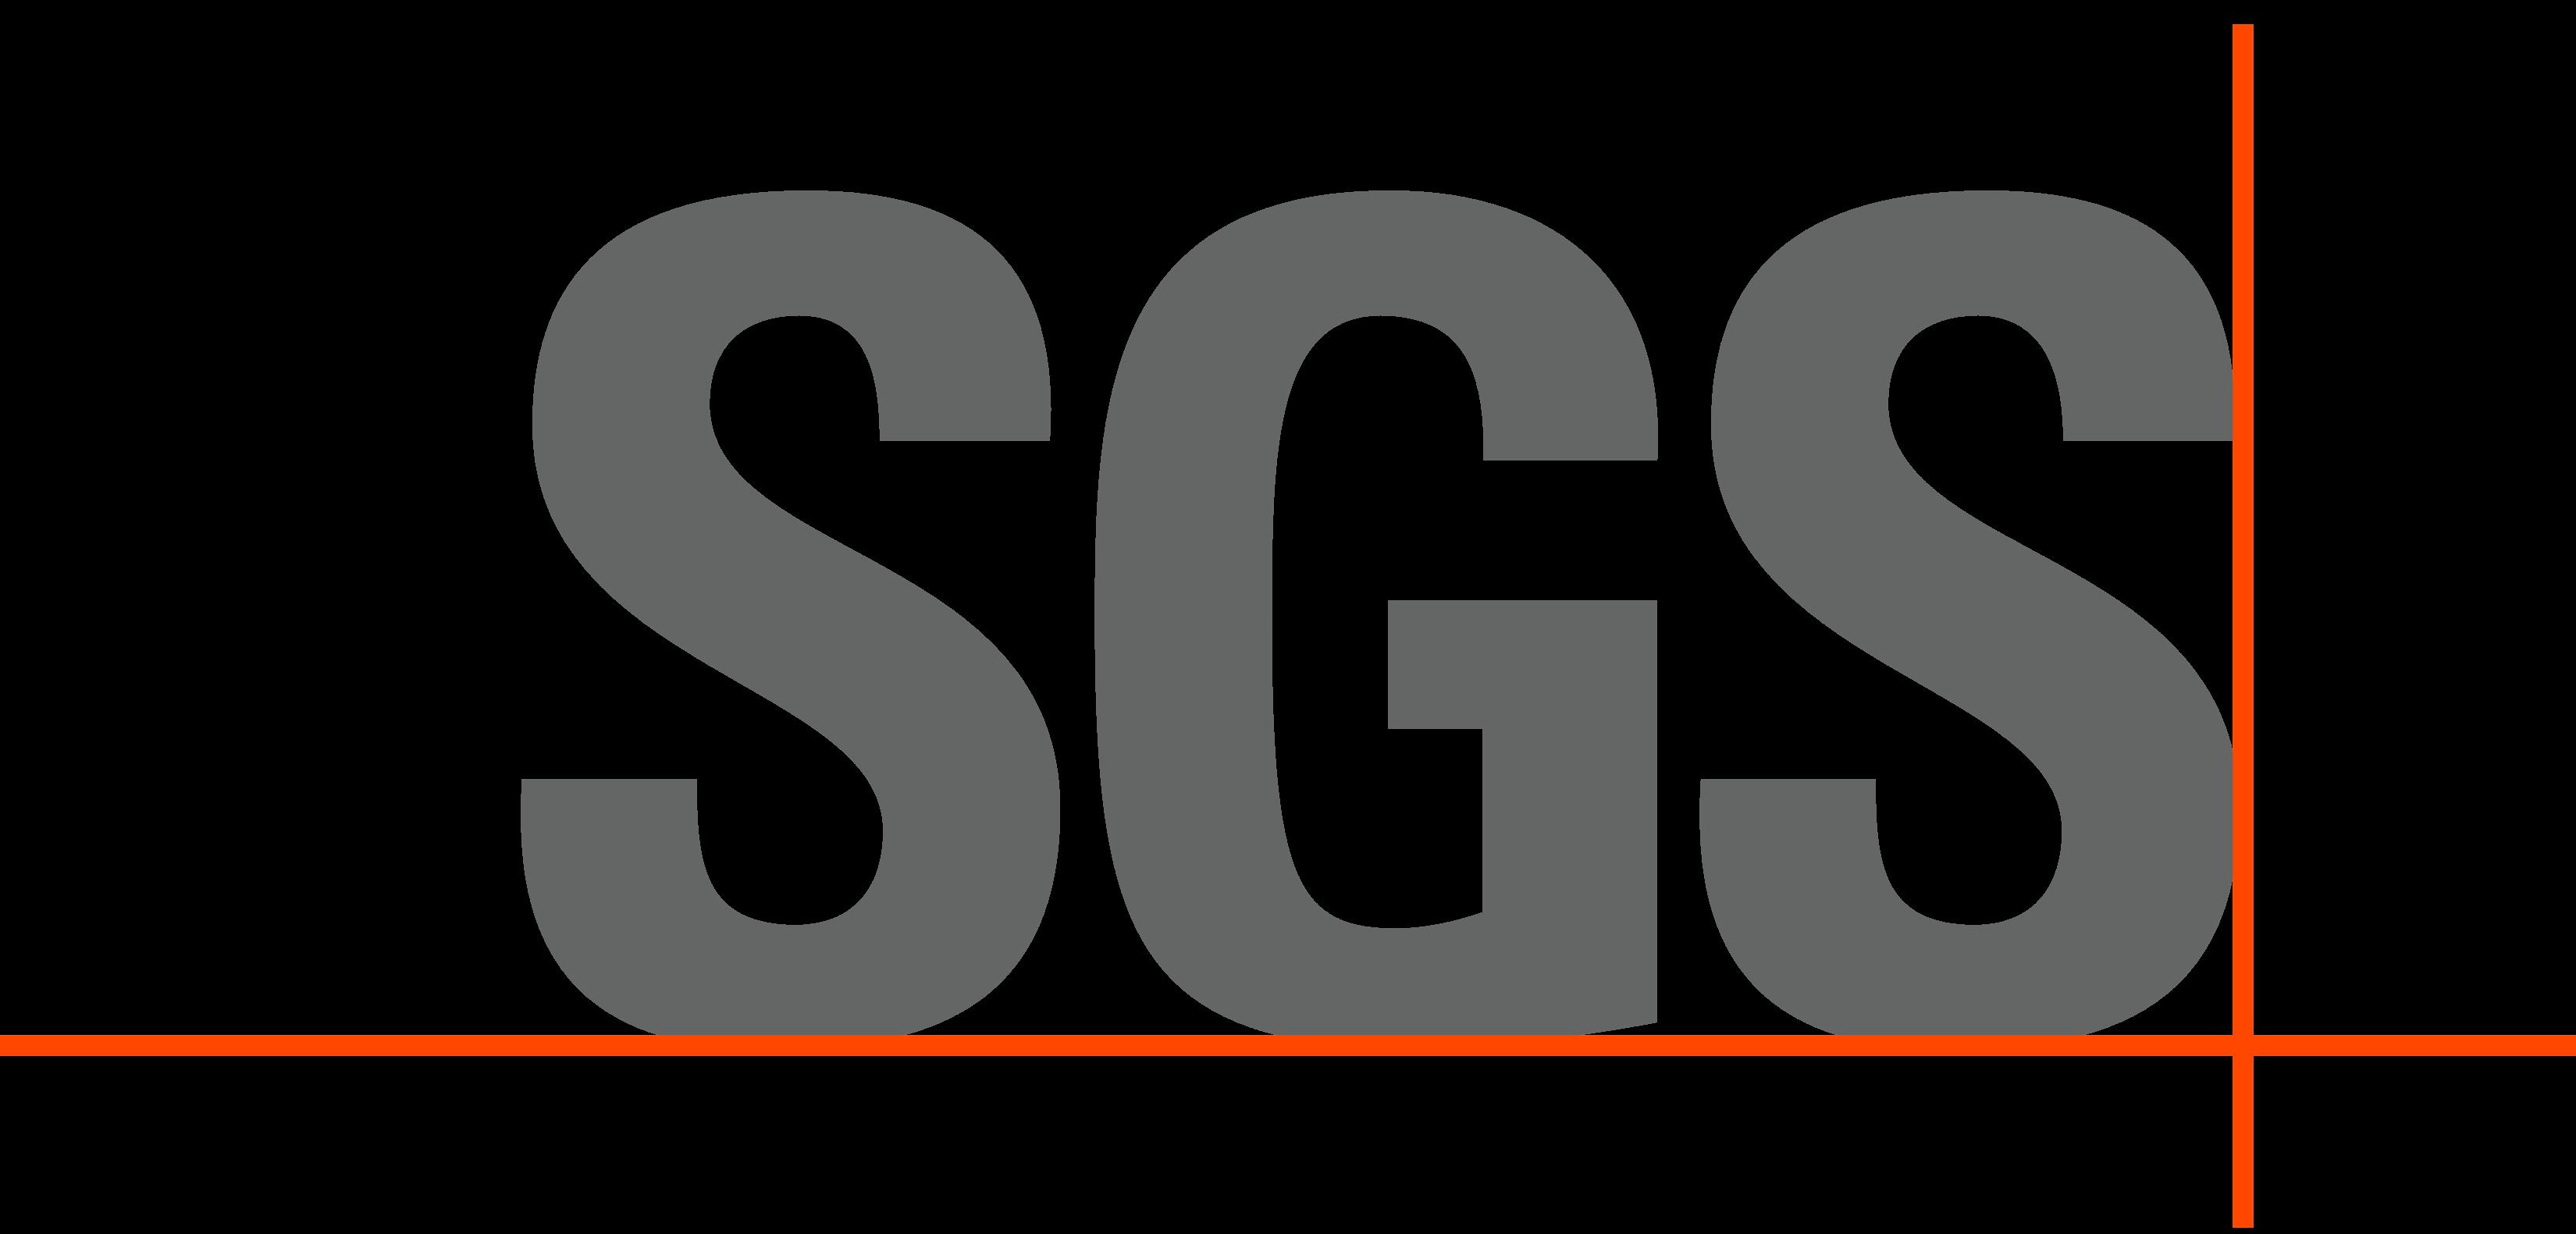 Sgs Logos Download